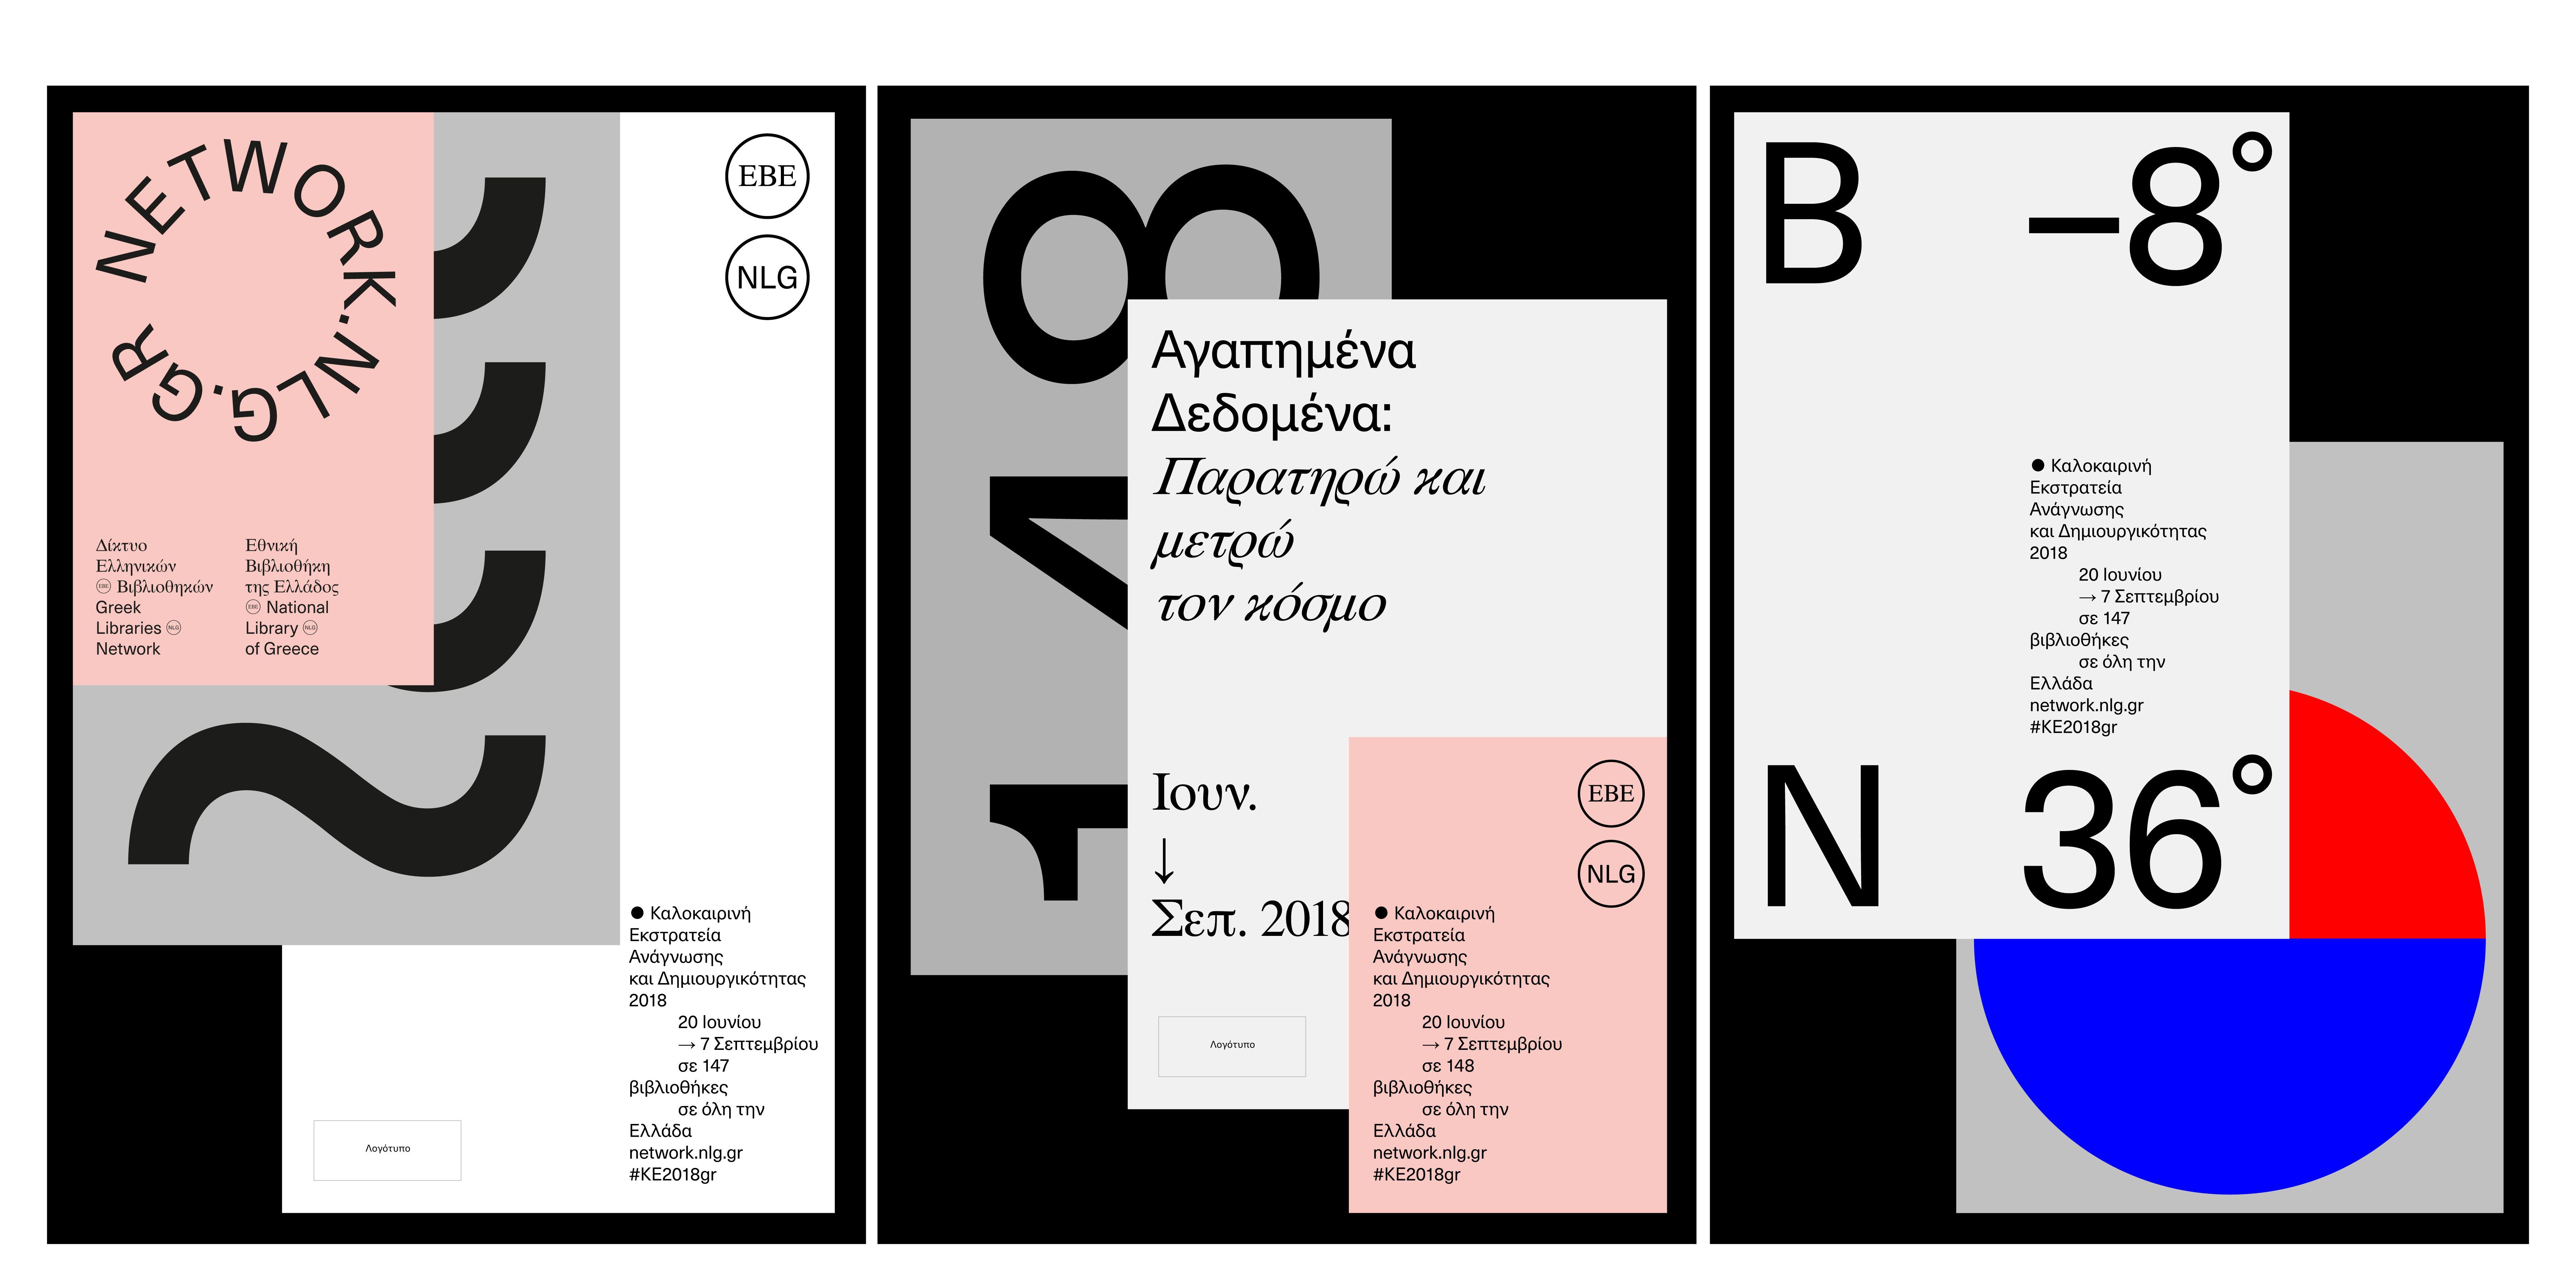 Αφίσα_Καλοκαιρινή Εκστρατεία Ανάγνωσης και Δημιουργικότητας 2018